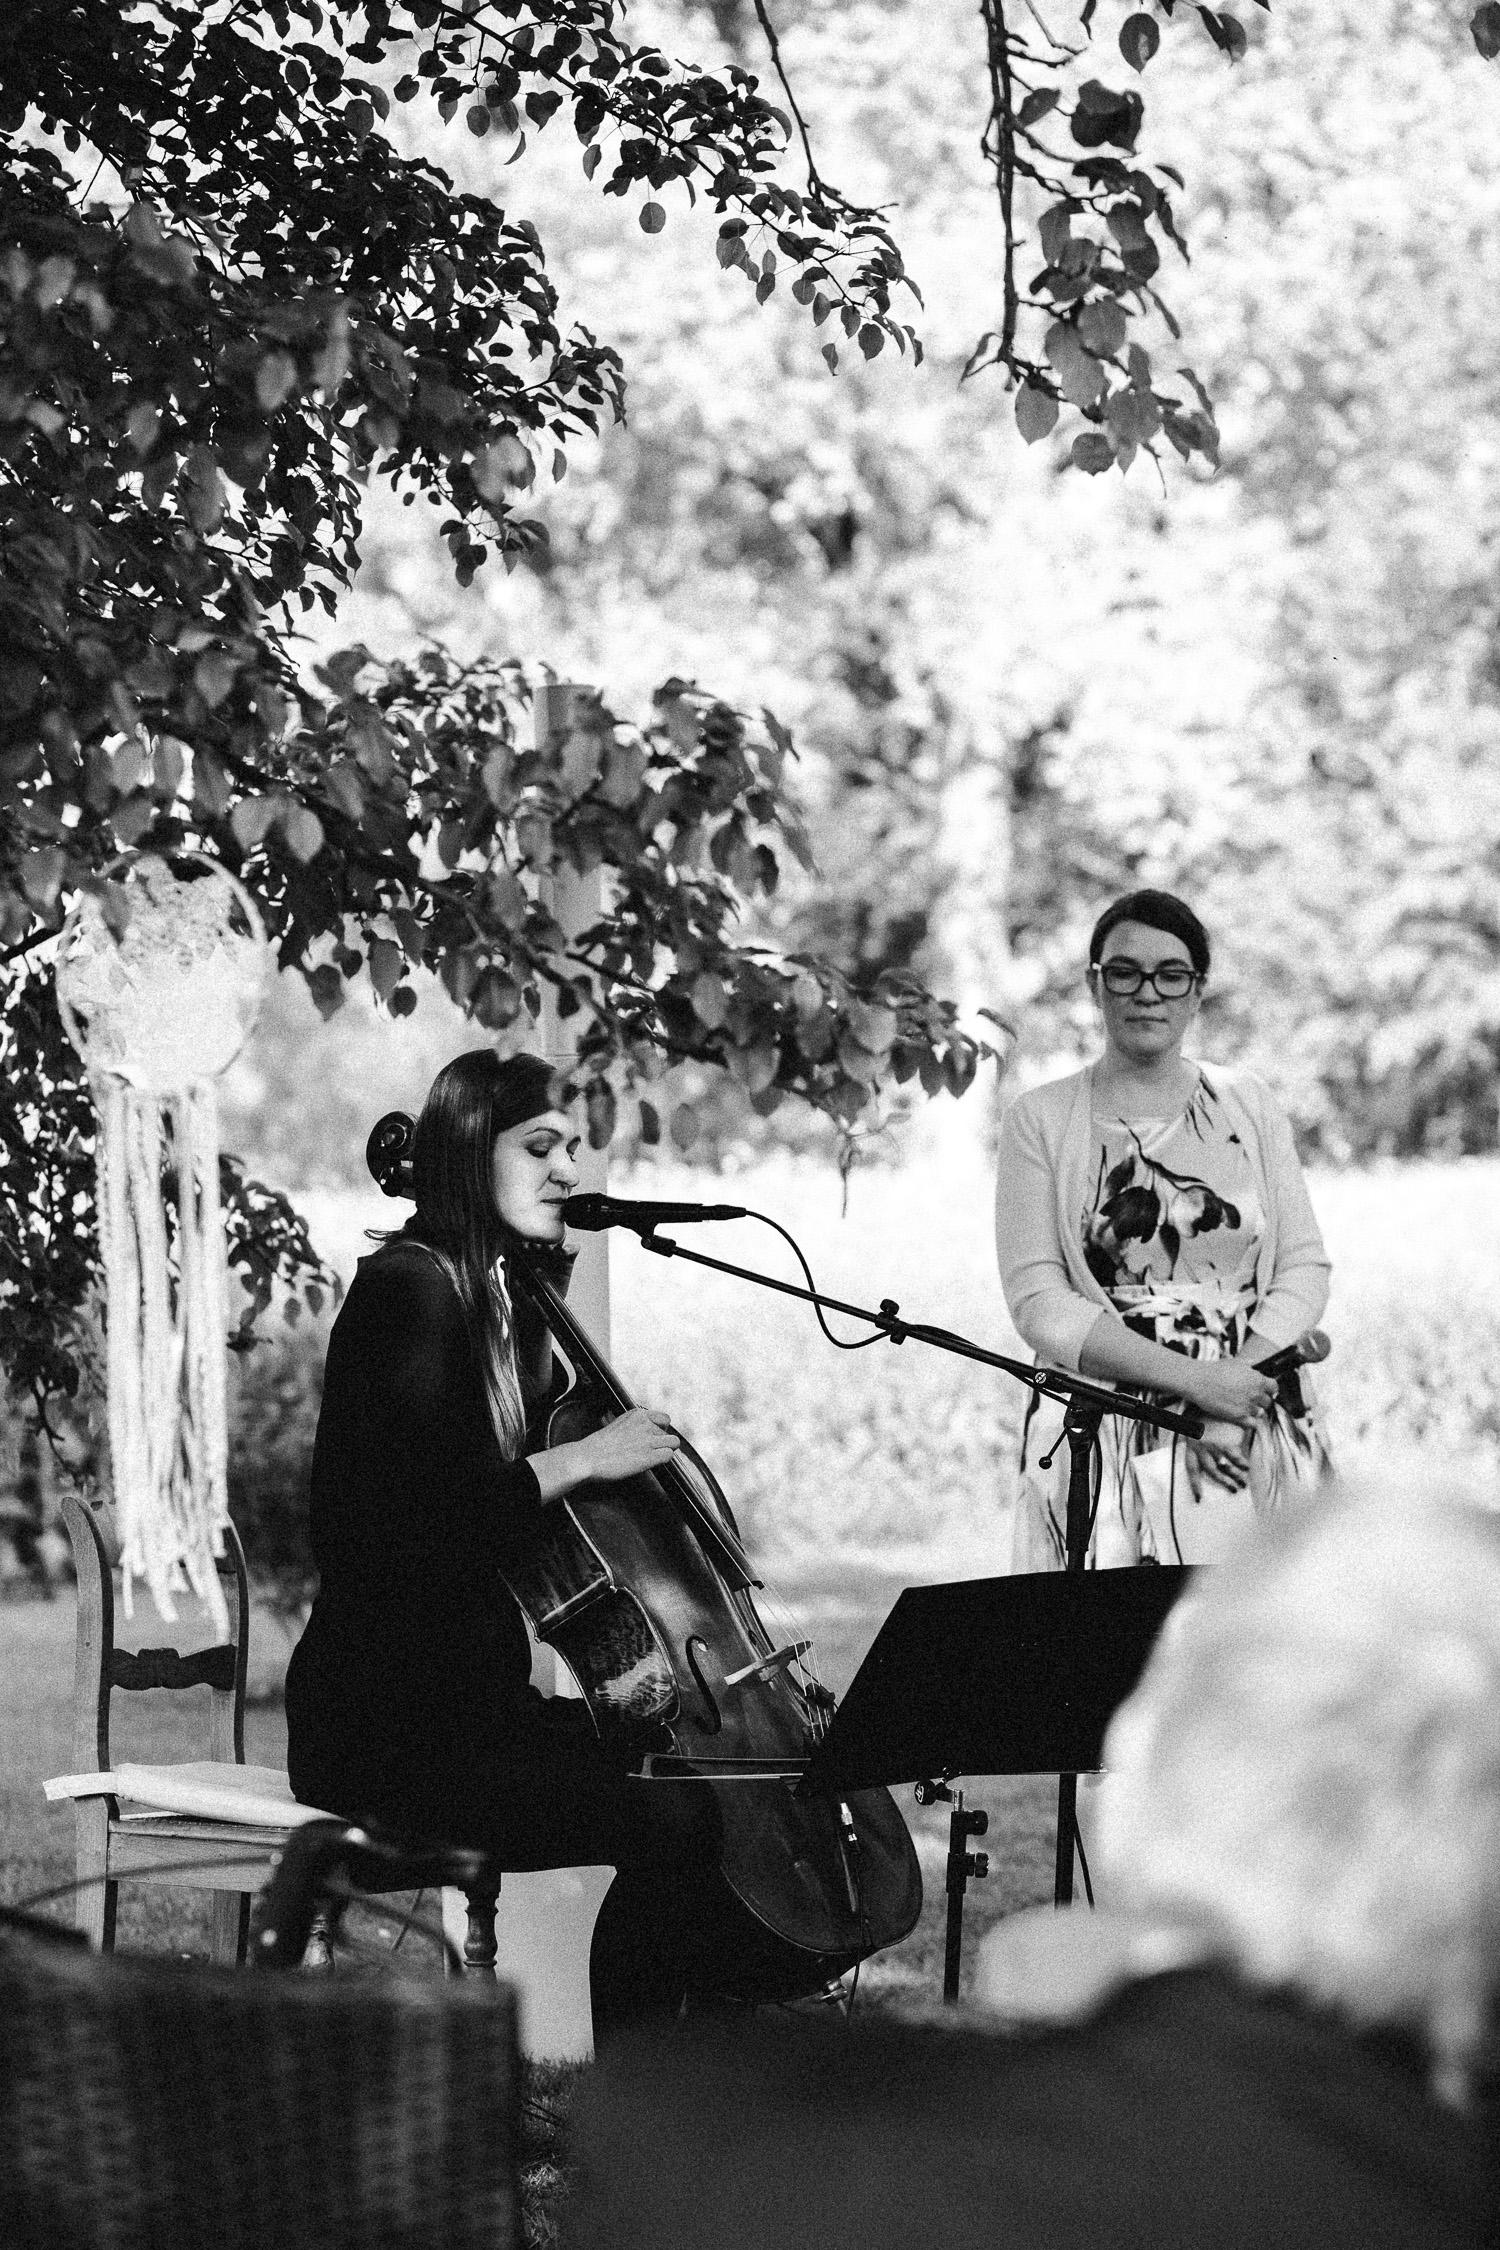 Vanessa-Nicholas-Hochzeitsreportage-77a Vanessa & Nicholas - freie Trauung in der Mosterei Ockensen Hochzeitreportage